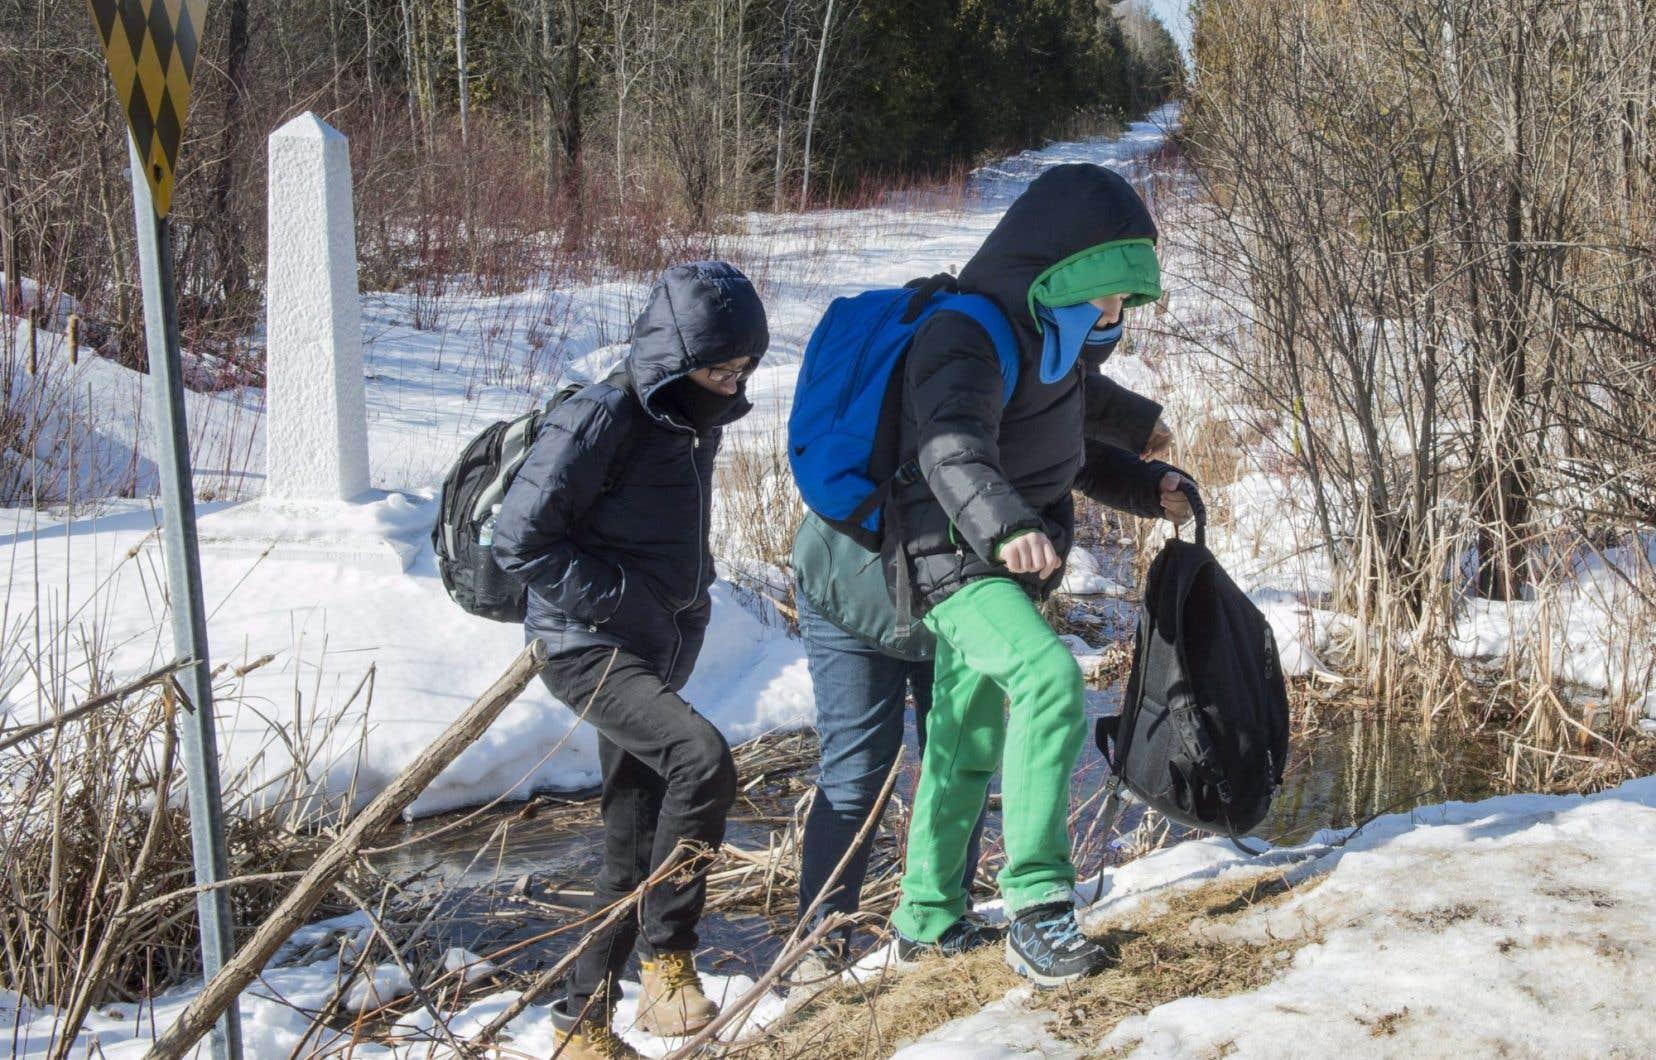 Depuis quelques jours, des dizaines de migrants tentent de traverser la frontière canado-américaine dans l'espoir de demander l'asile au Canada.